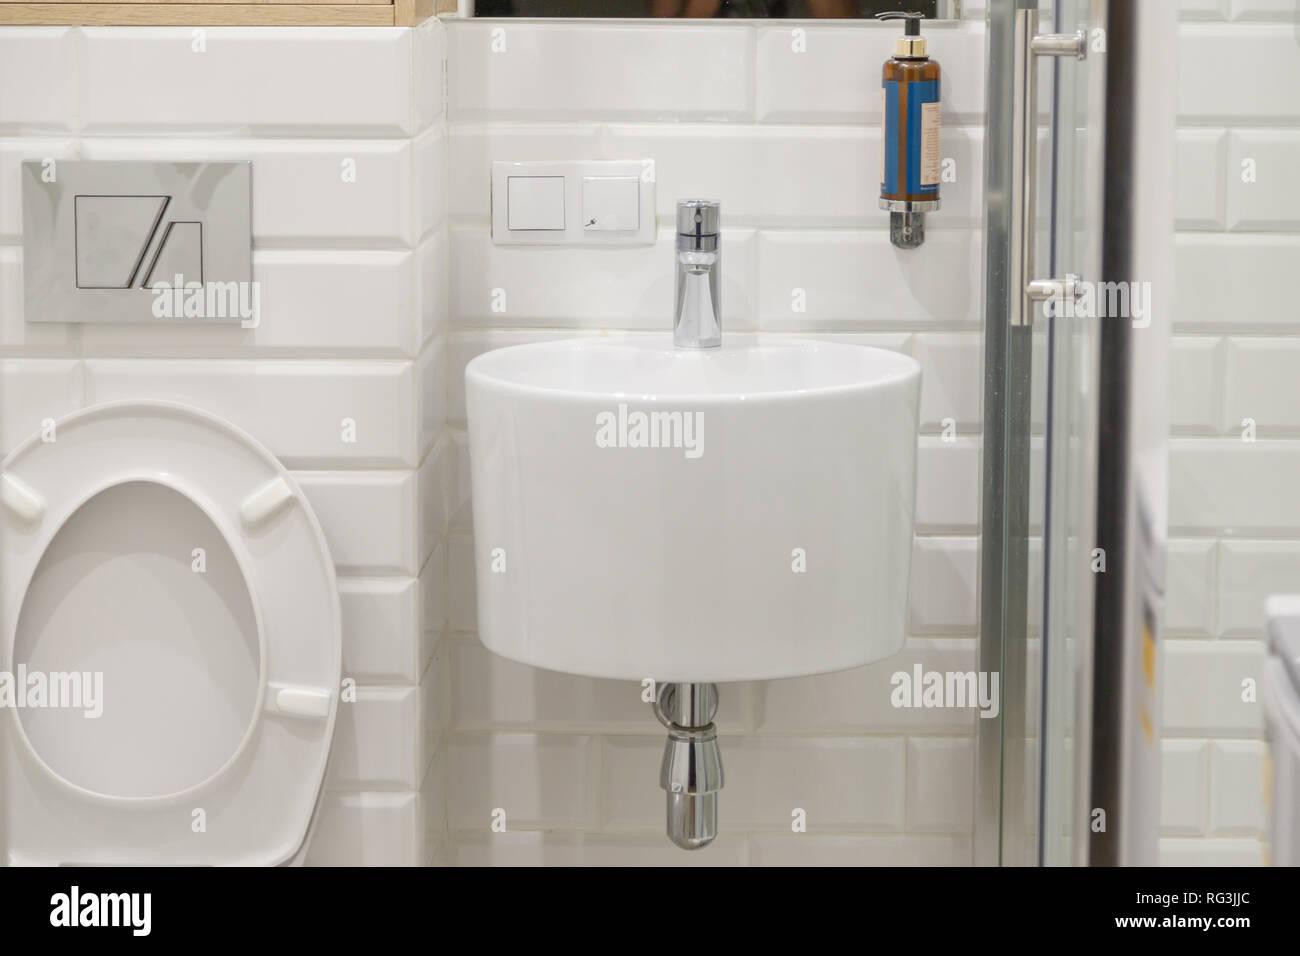 Kombiniert moderne, weiße Badezimmer mit Toilette. Runde ...